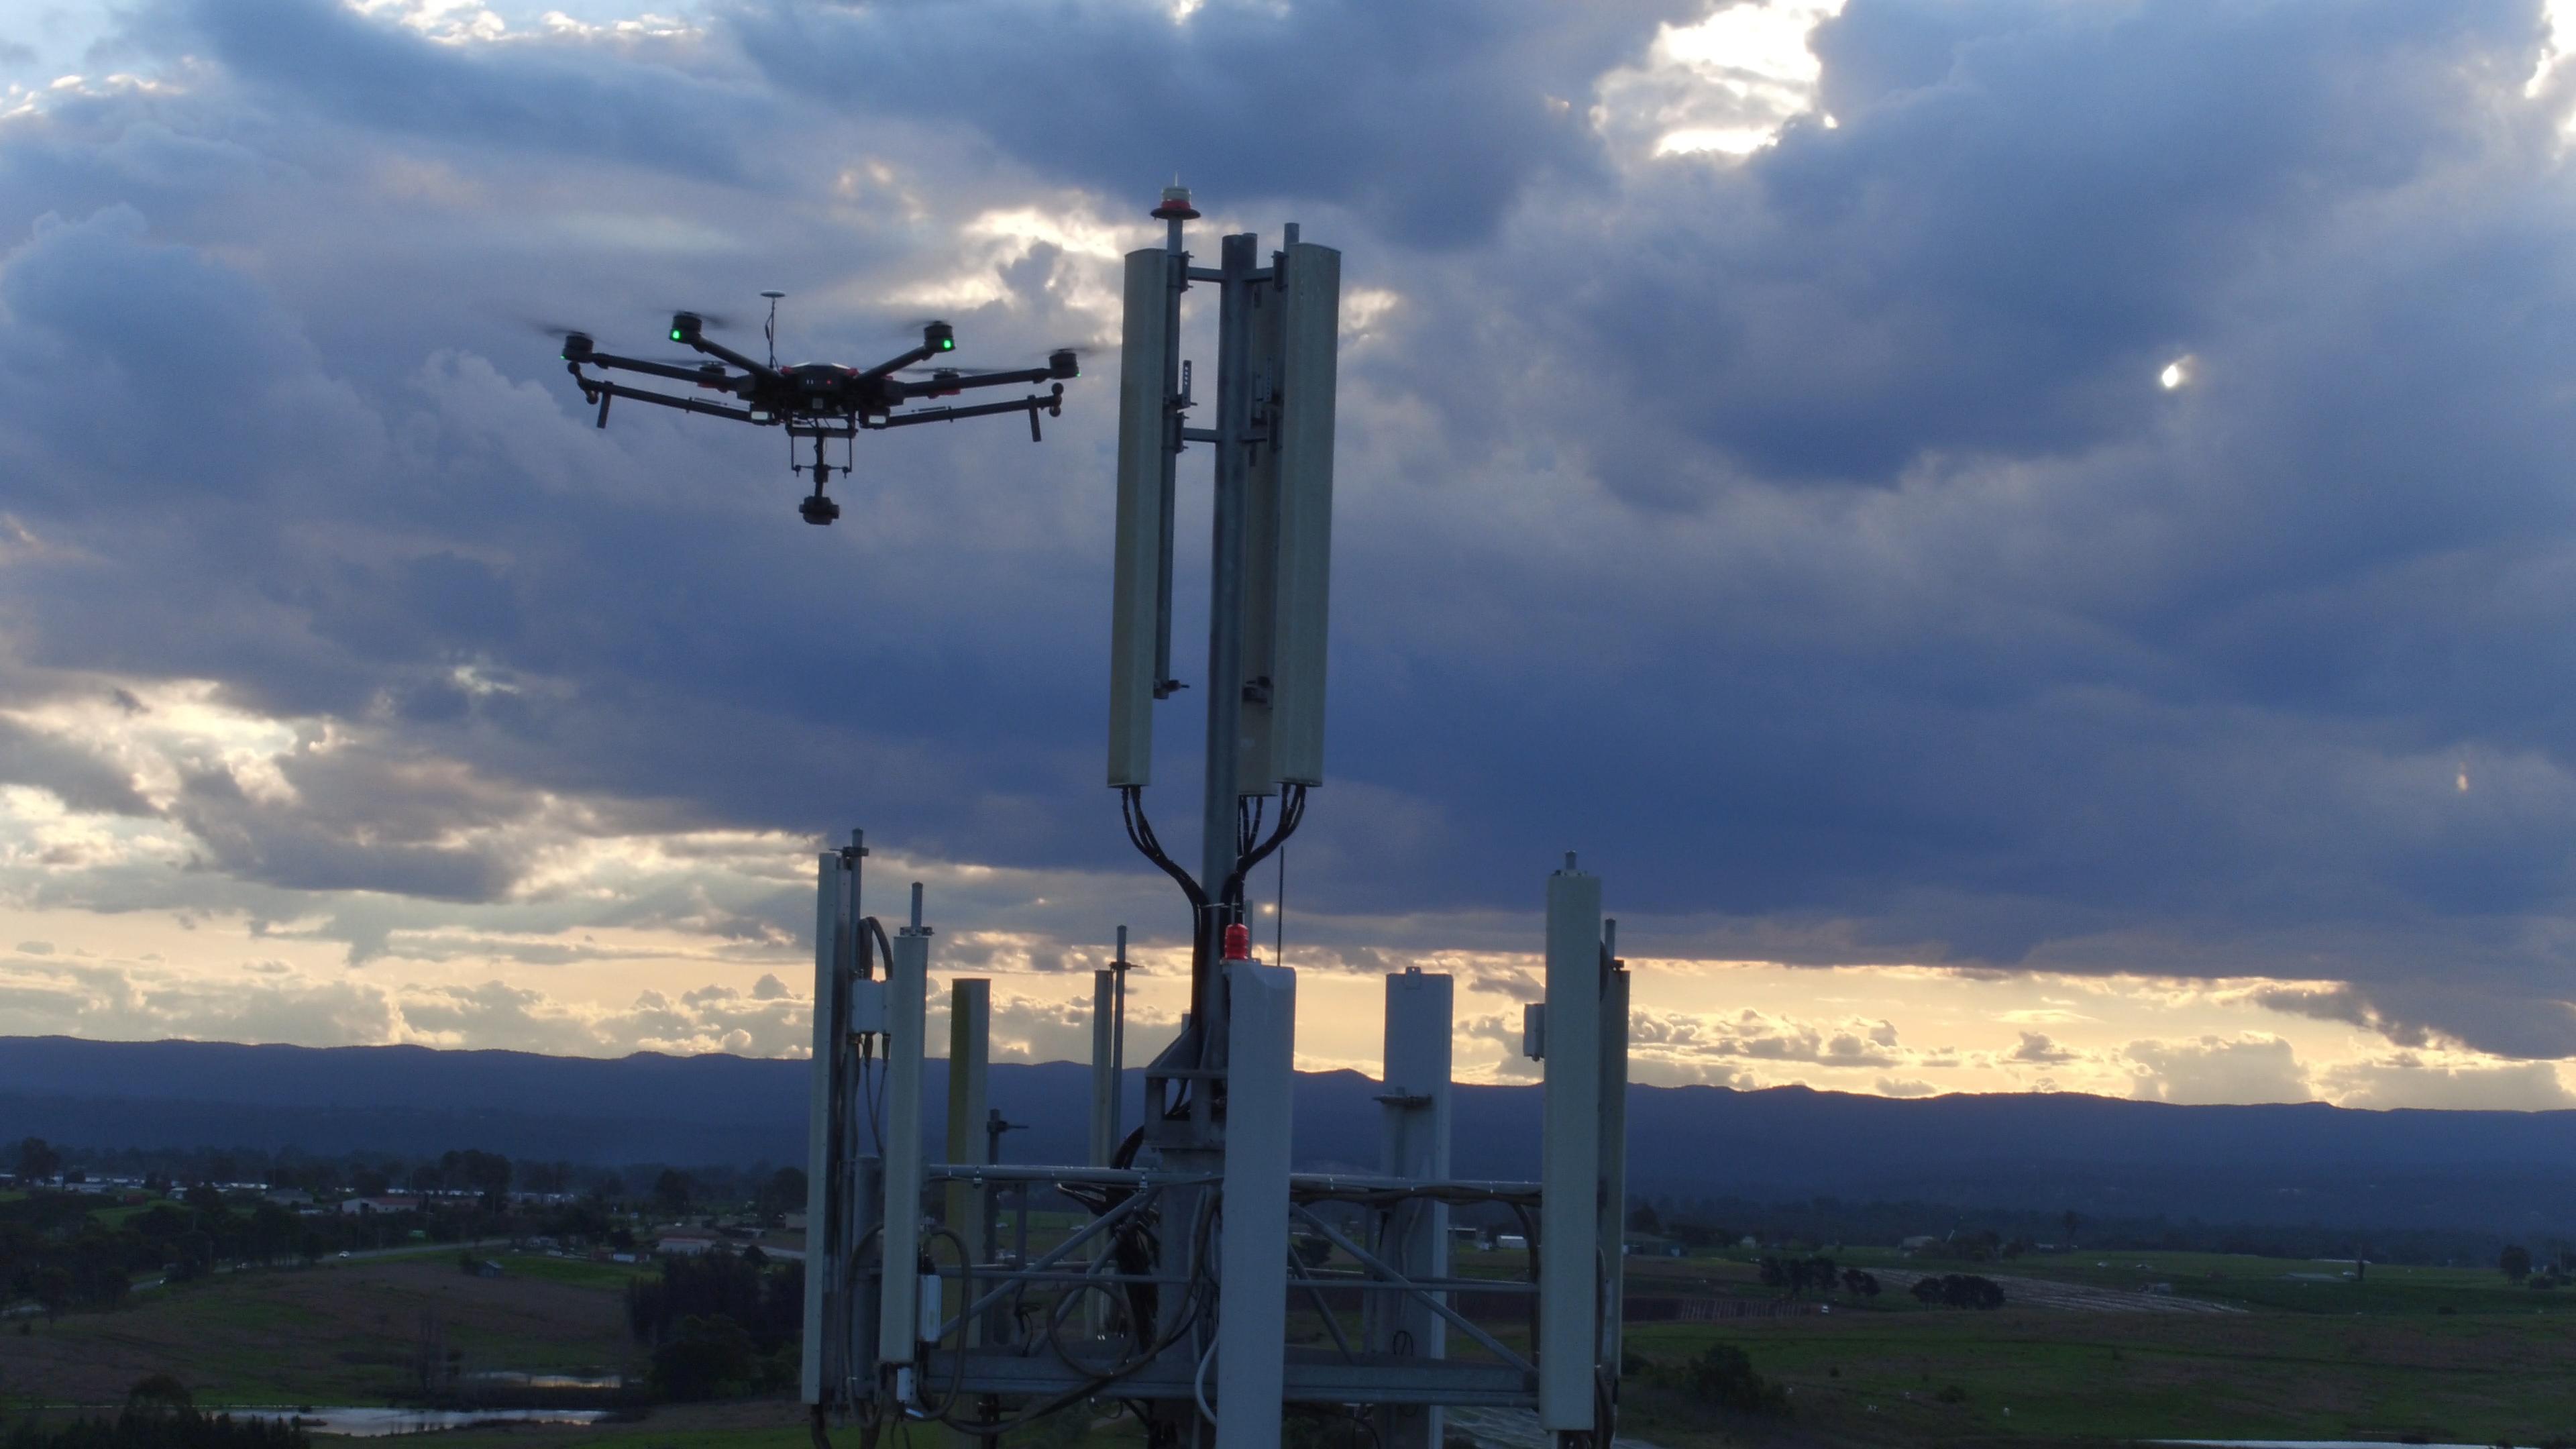 在检测电塔,风力发电机时,飞行器无需接近设备,在远处即可观测和记录